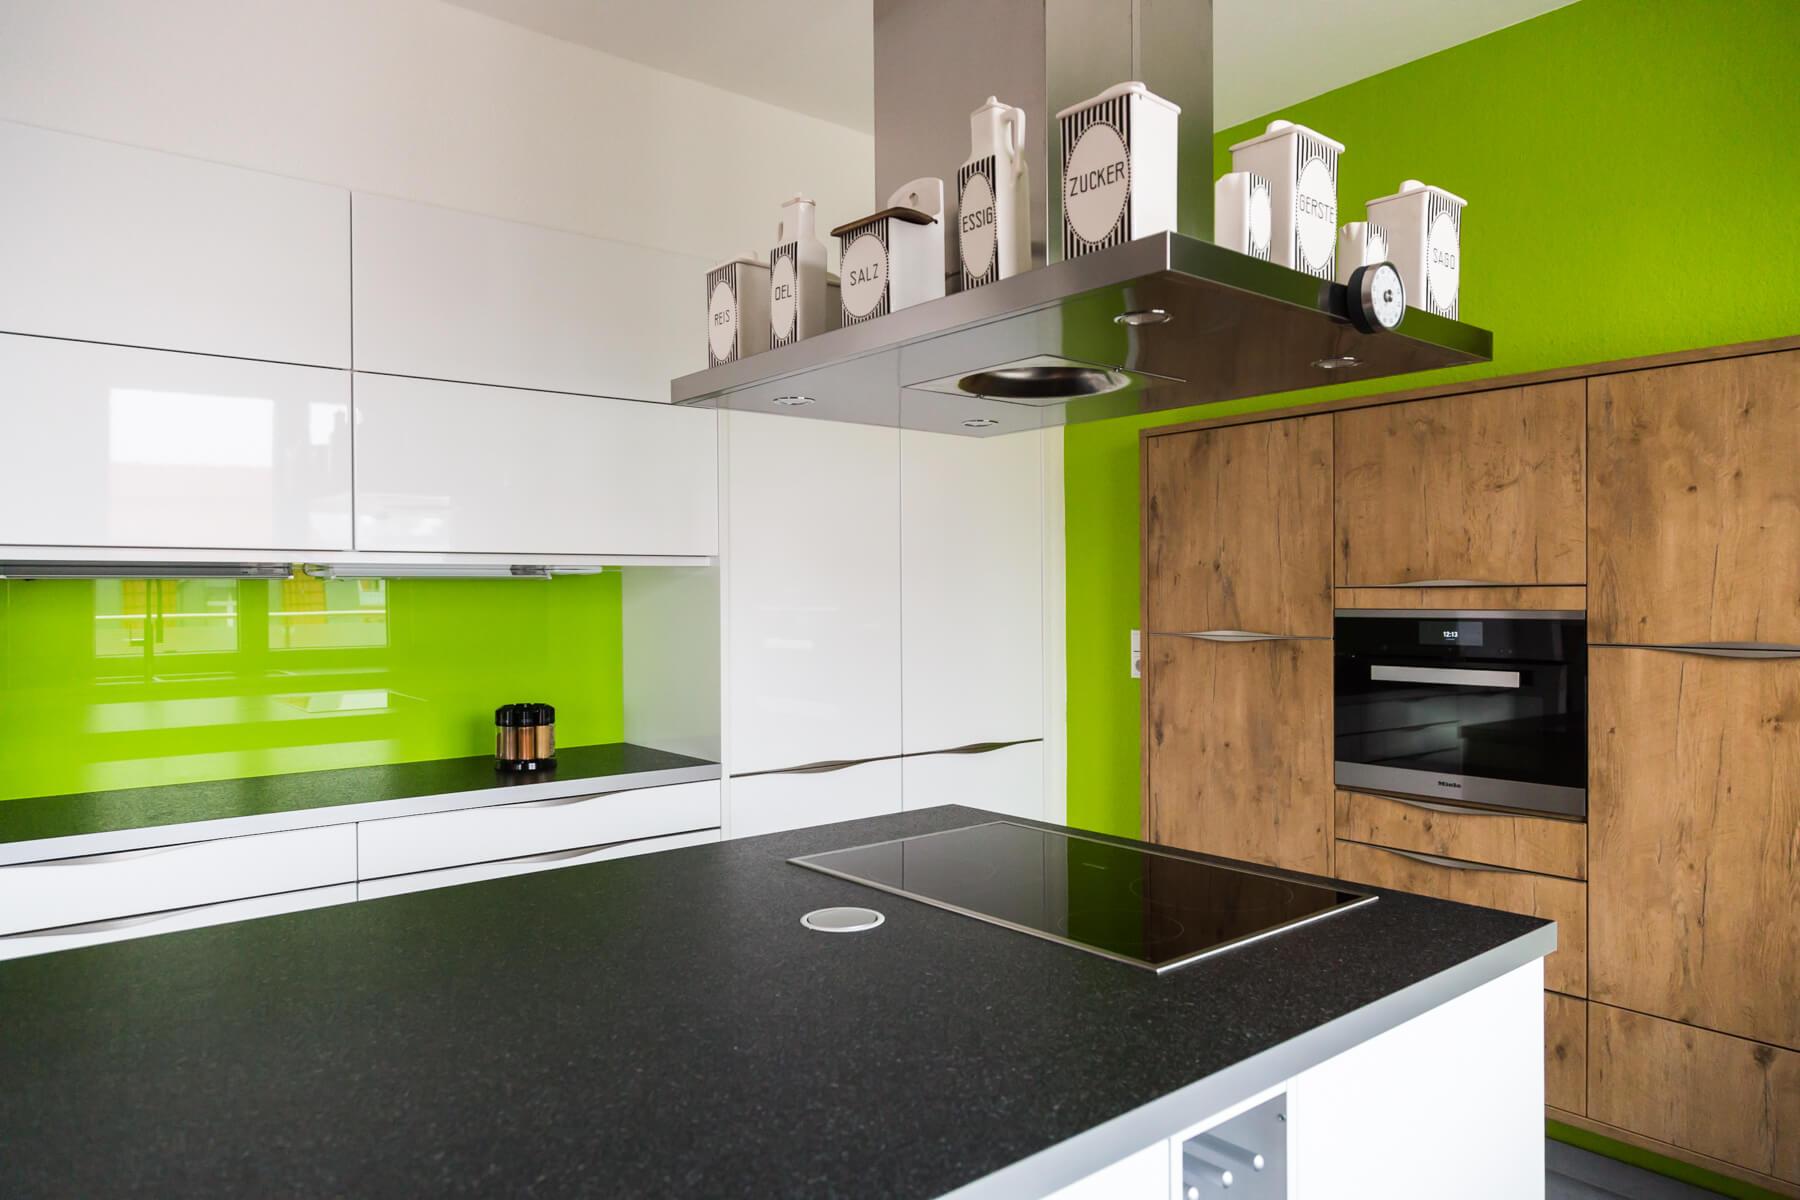 Ausgezeichnet Küchendesign Mit Begehbarer Speisekammer Bilder ...